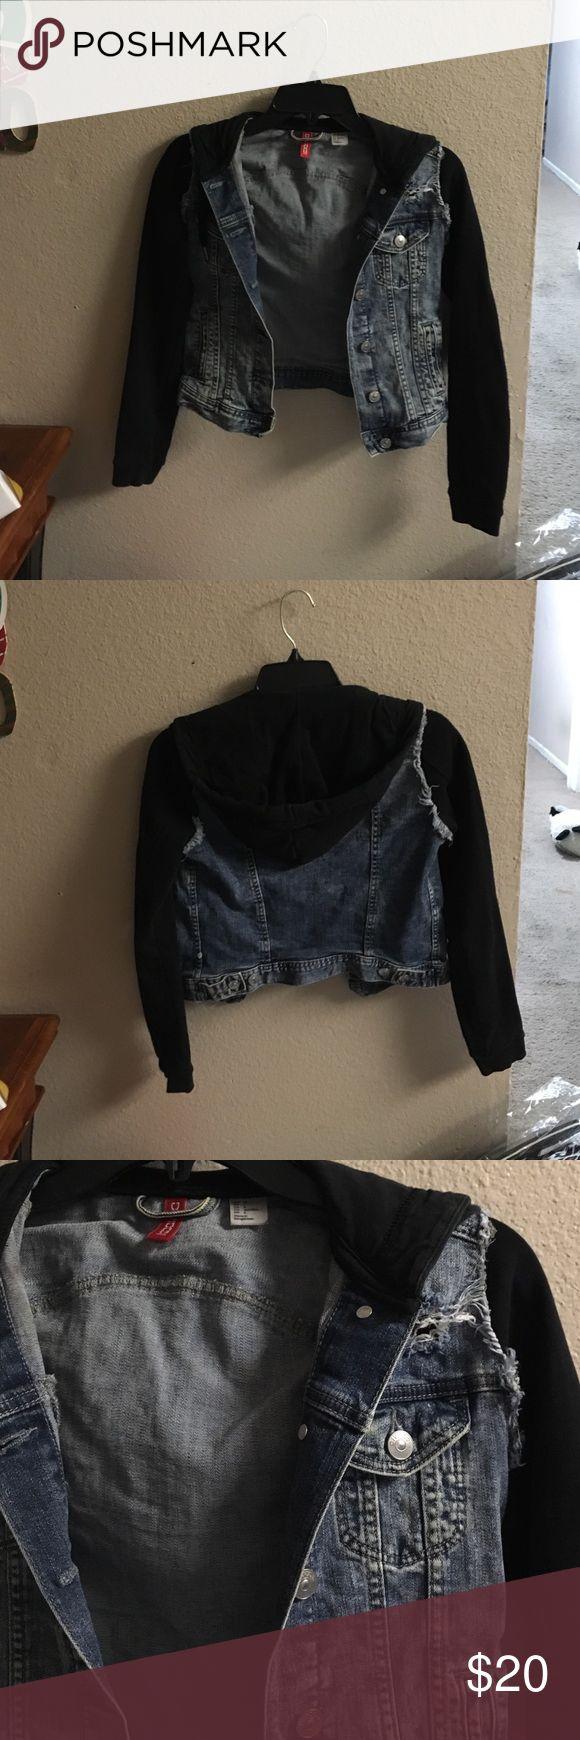 Jean jacket hoodie Jean jacket hoodie sweater jacket! H&M size 4 H&M Jackets & Coats Jean Jackets